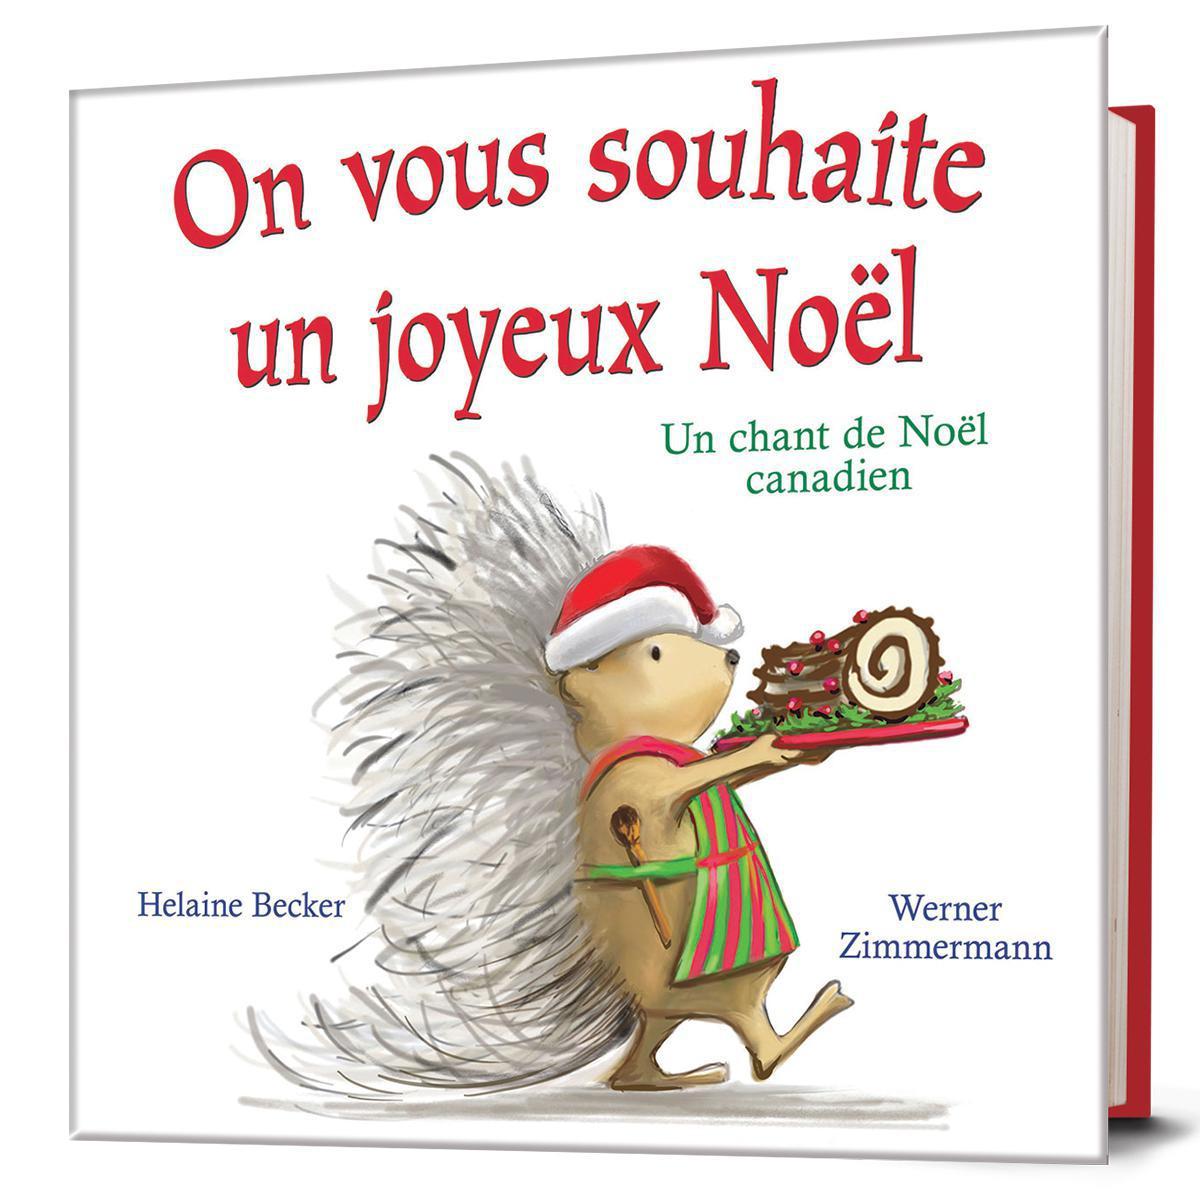 On vous souhaite un joyeux Noël